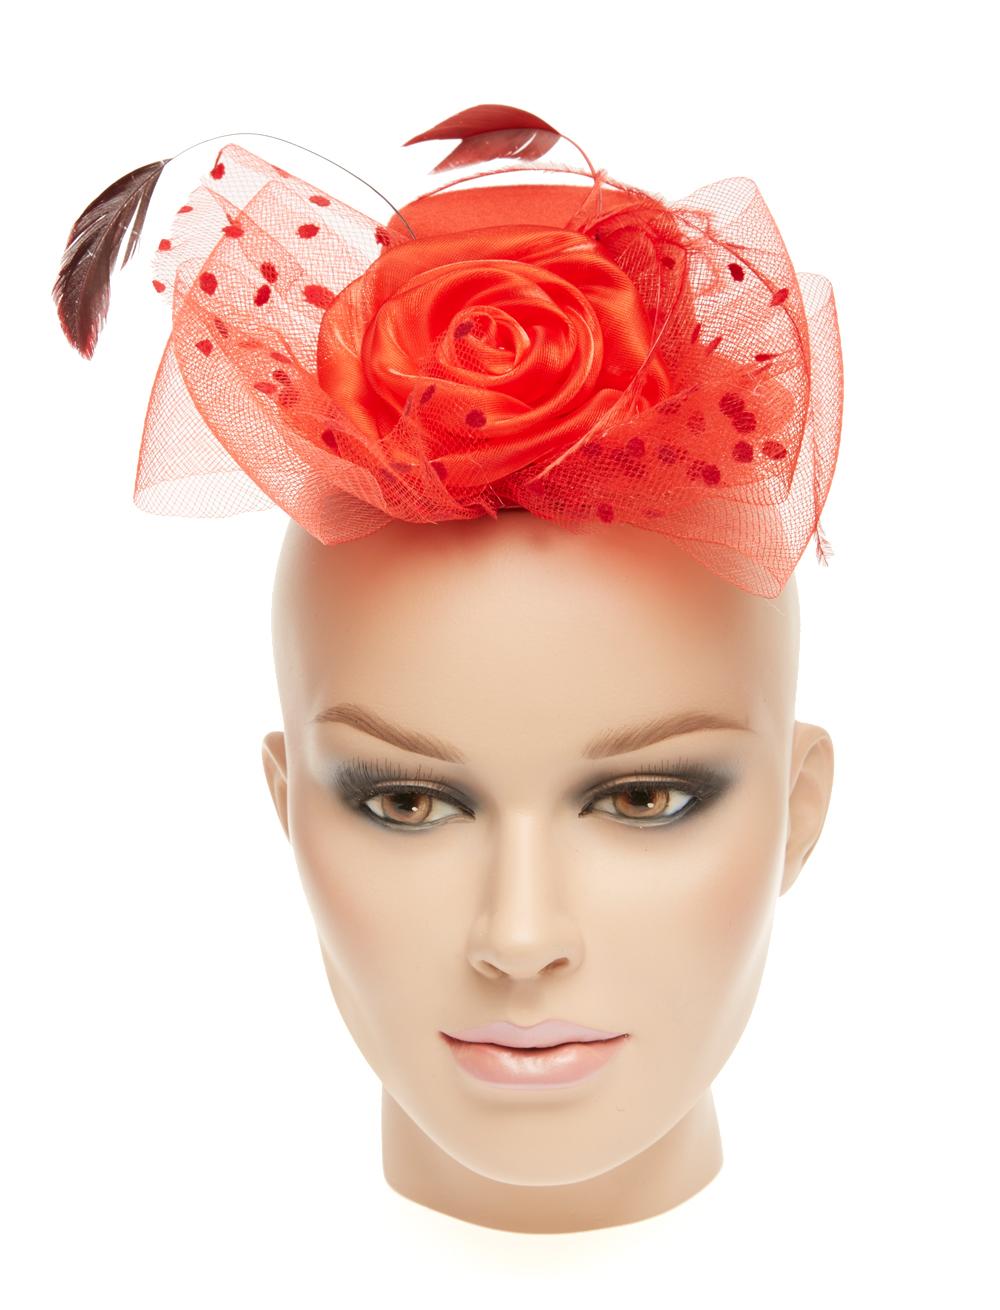 Kostuemzubehor Mini Hut mit Tuell & Rosen rot